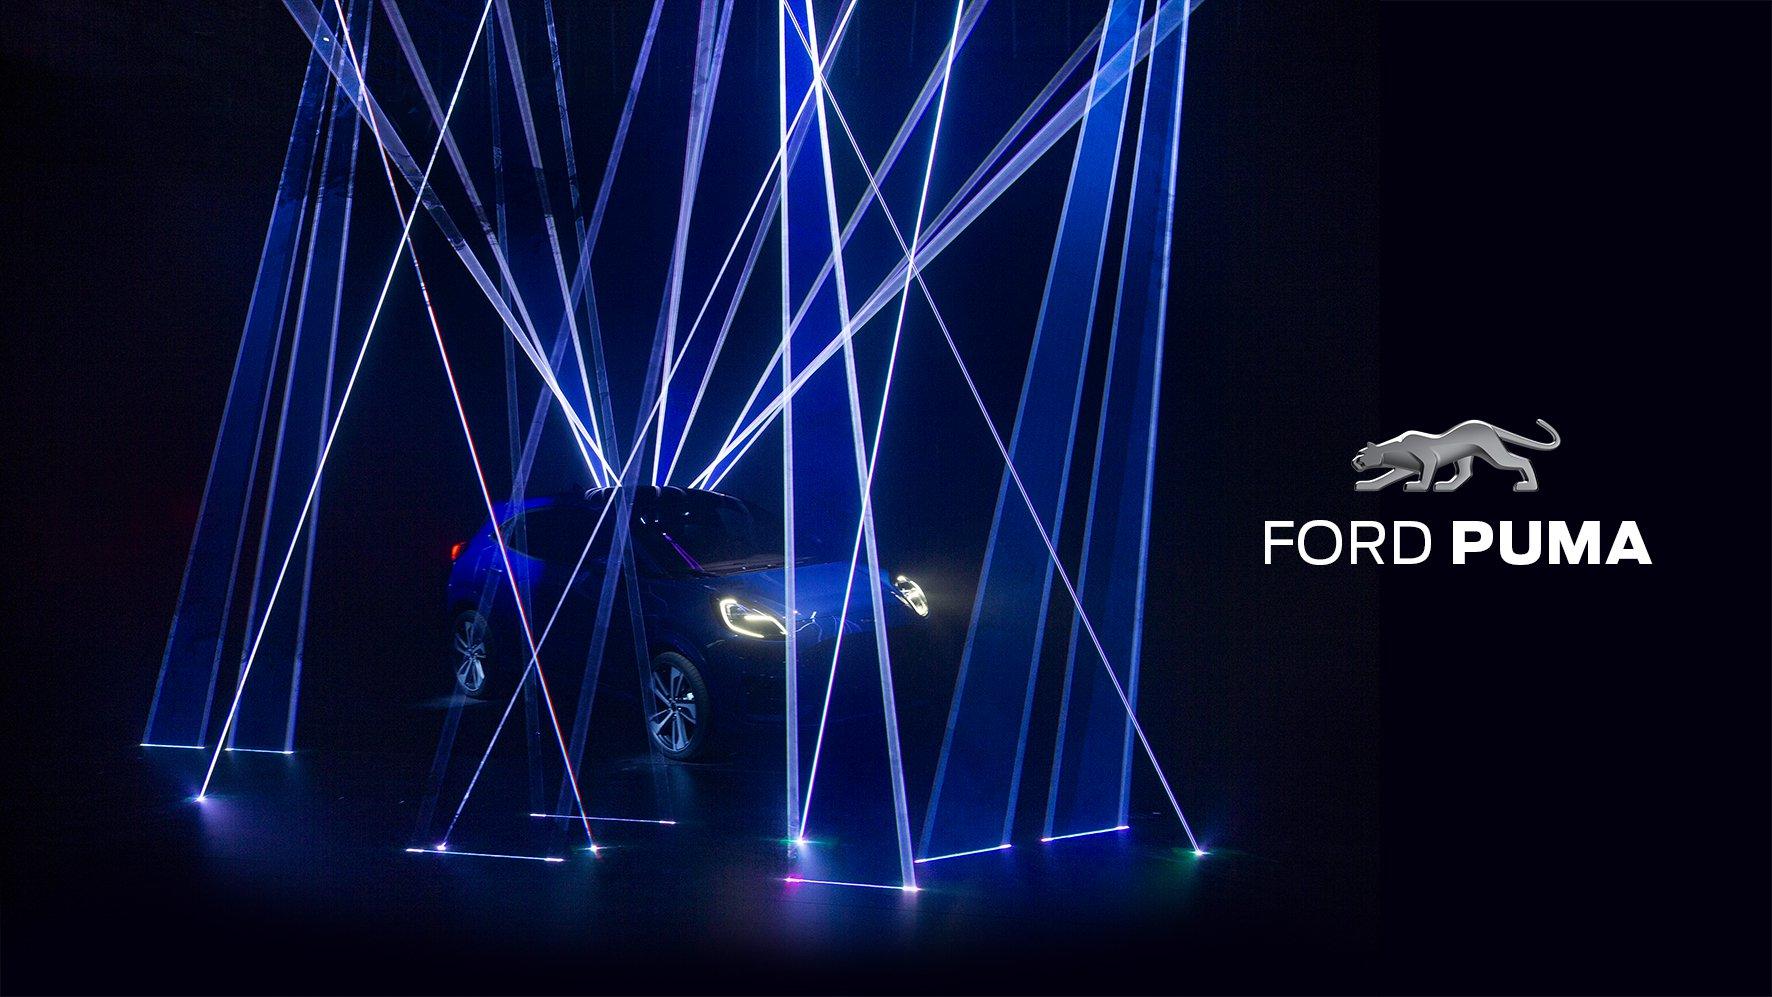 Се враќа легендарното купе од 90-тите. Доаѓа Ford Puma!